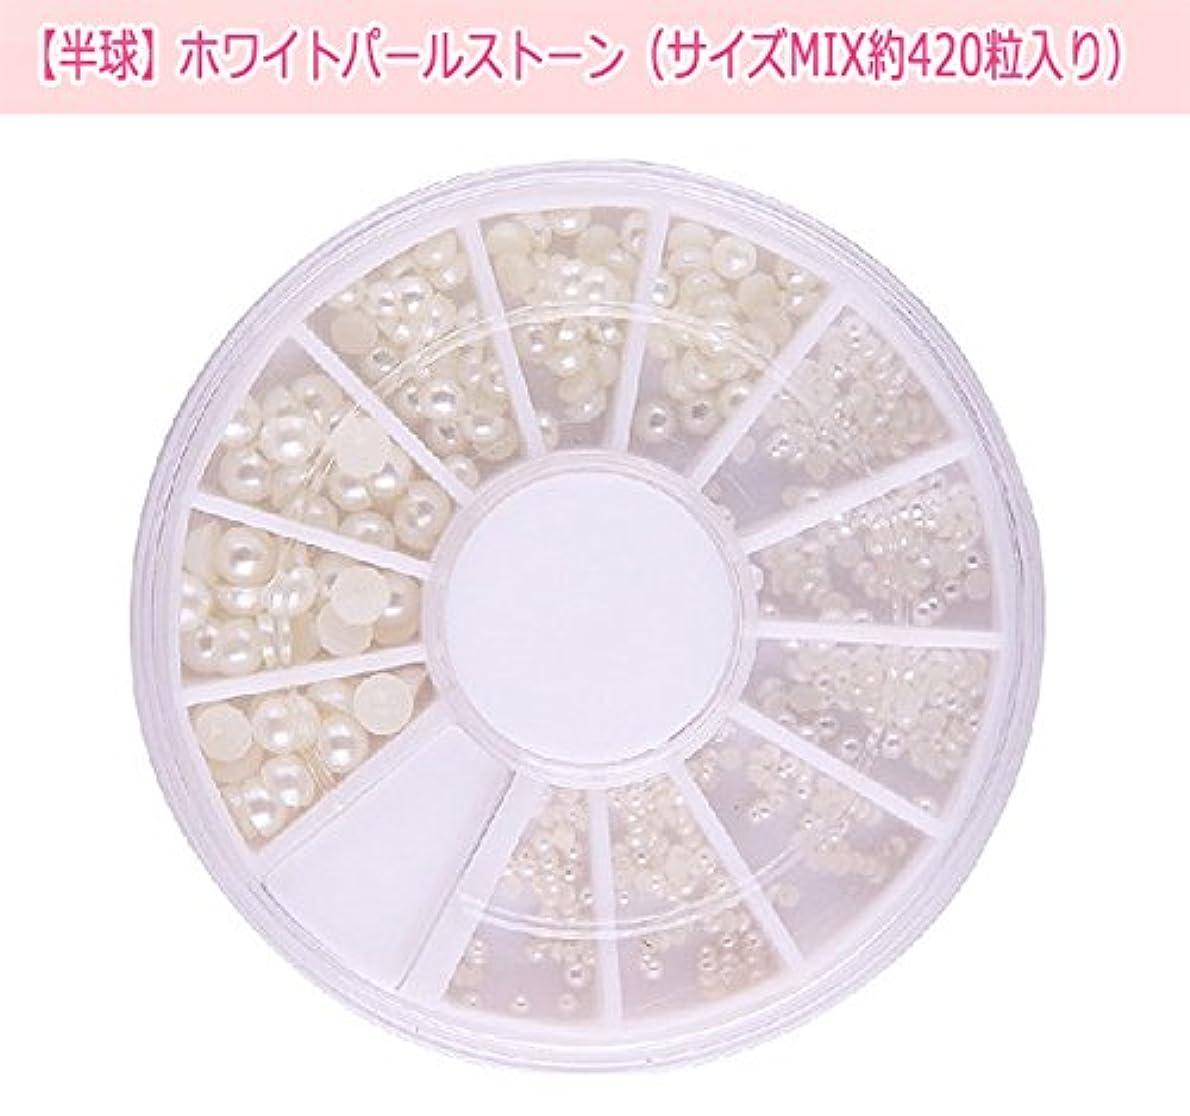 ガロンスモッグ私たち自身【半球】ホワイトパールストーン(サイズMIX約420粒入り)